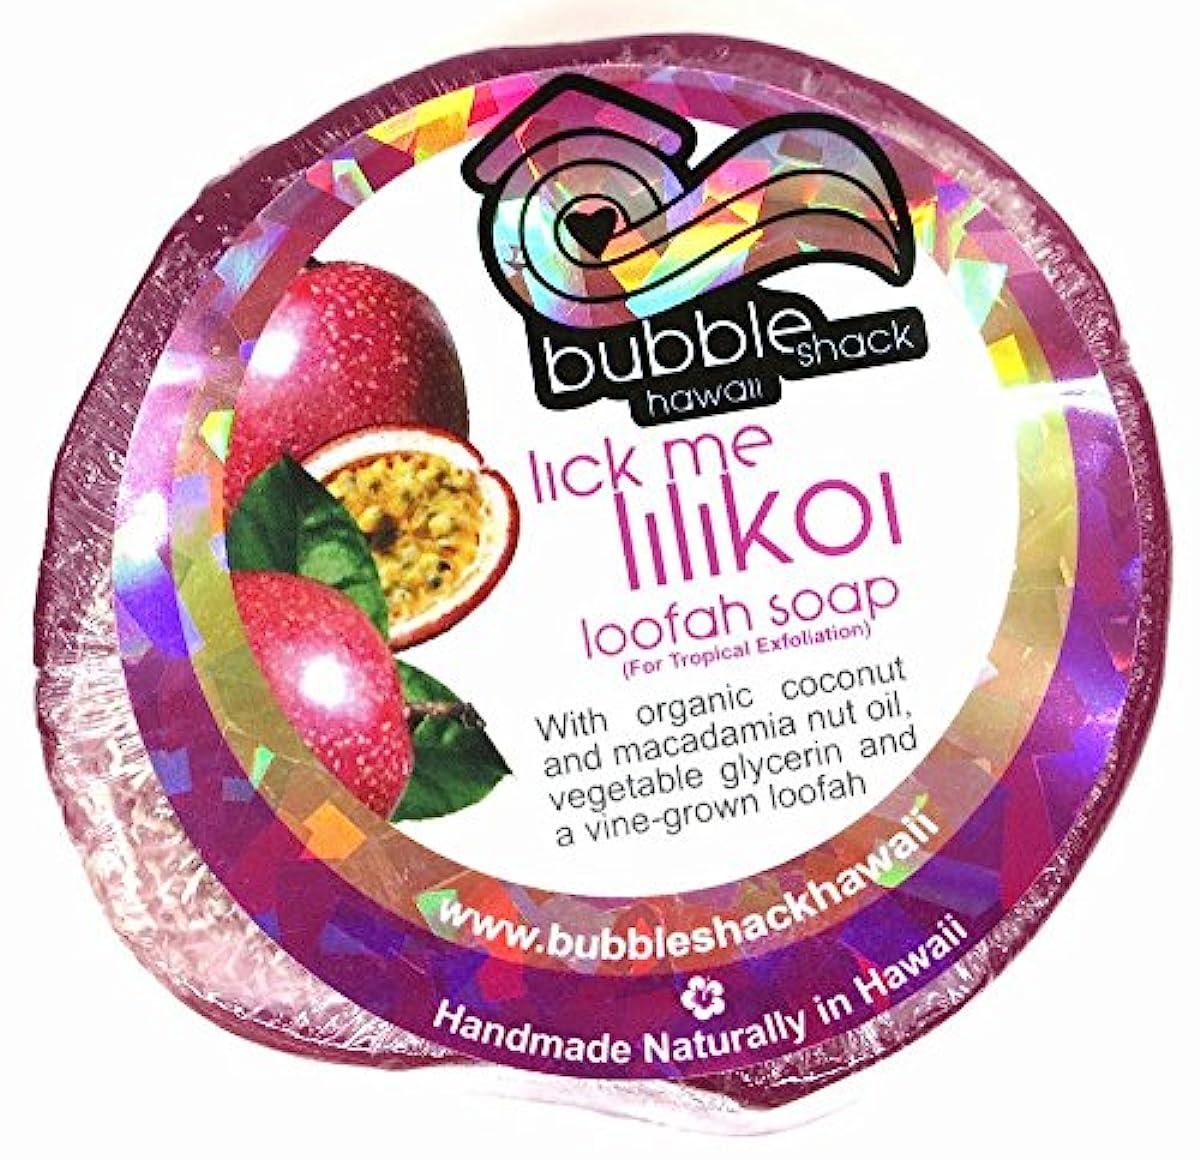 遠い学んだ編集者ハワイアン雑貨/ハワイ 雑貨【バブルシャック】Bubble Shack Hawaii ルーファーソープ(リックミーリリコイ) 【お土産】